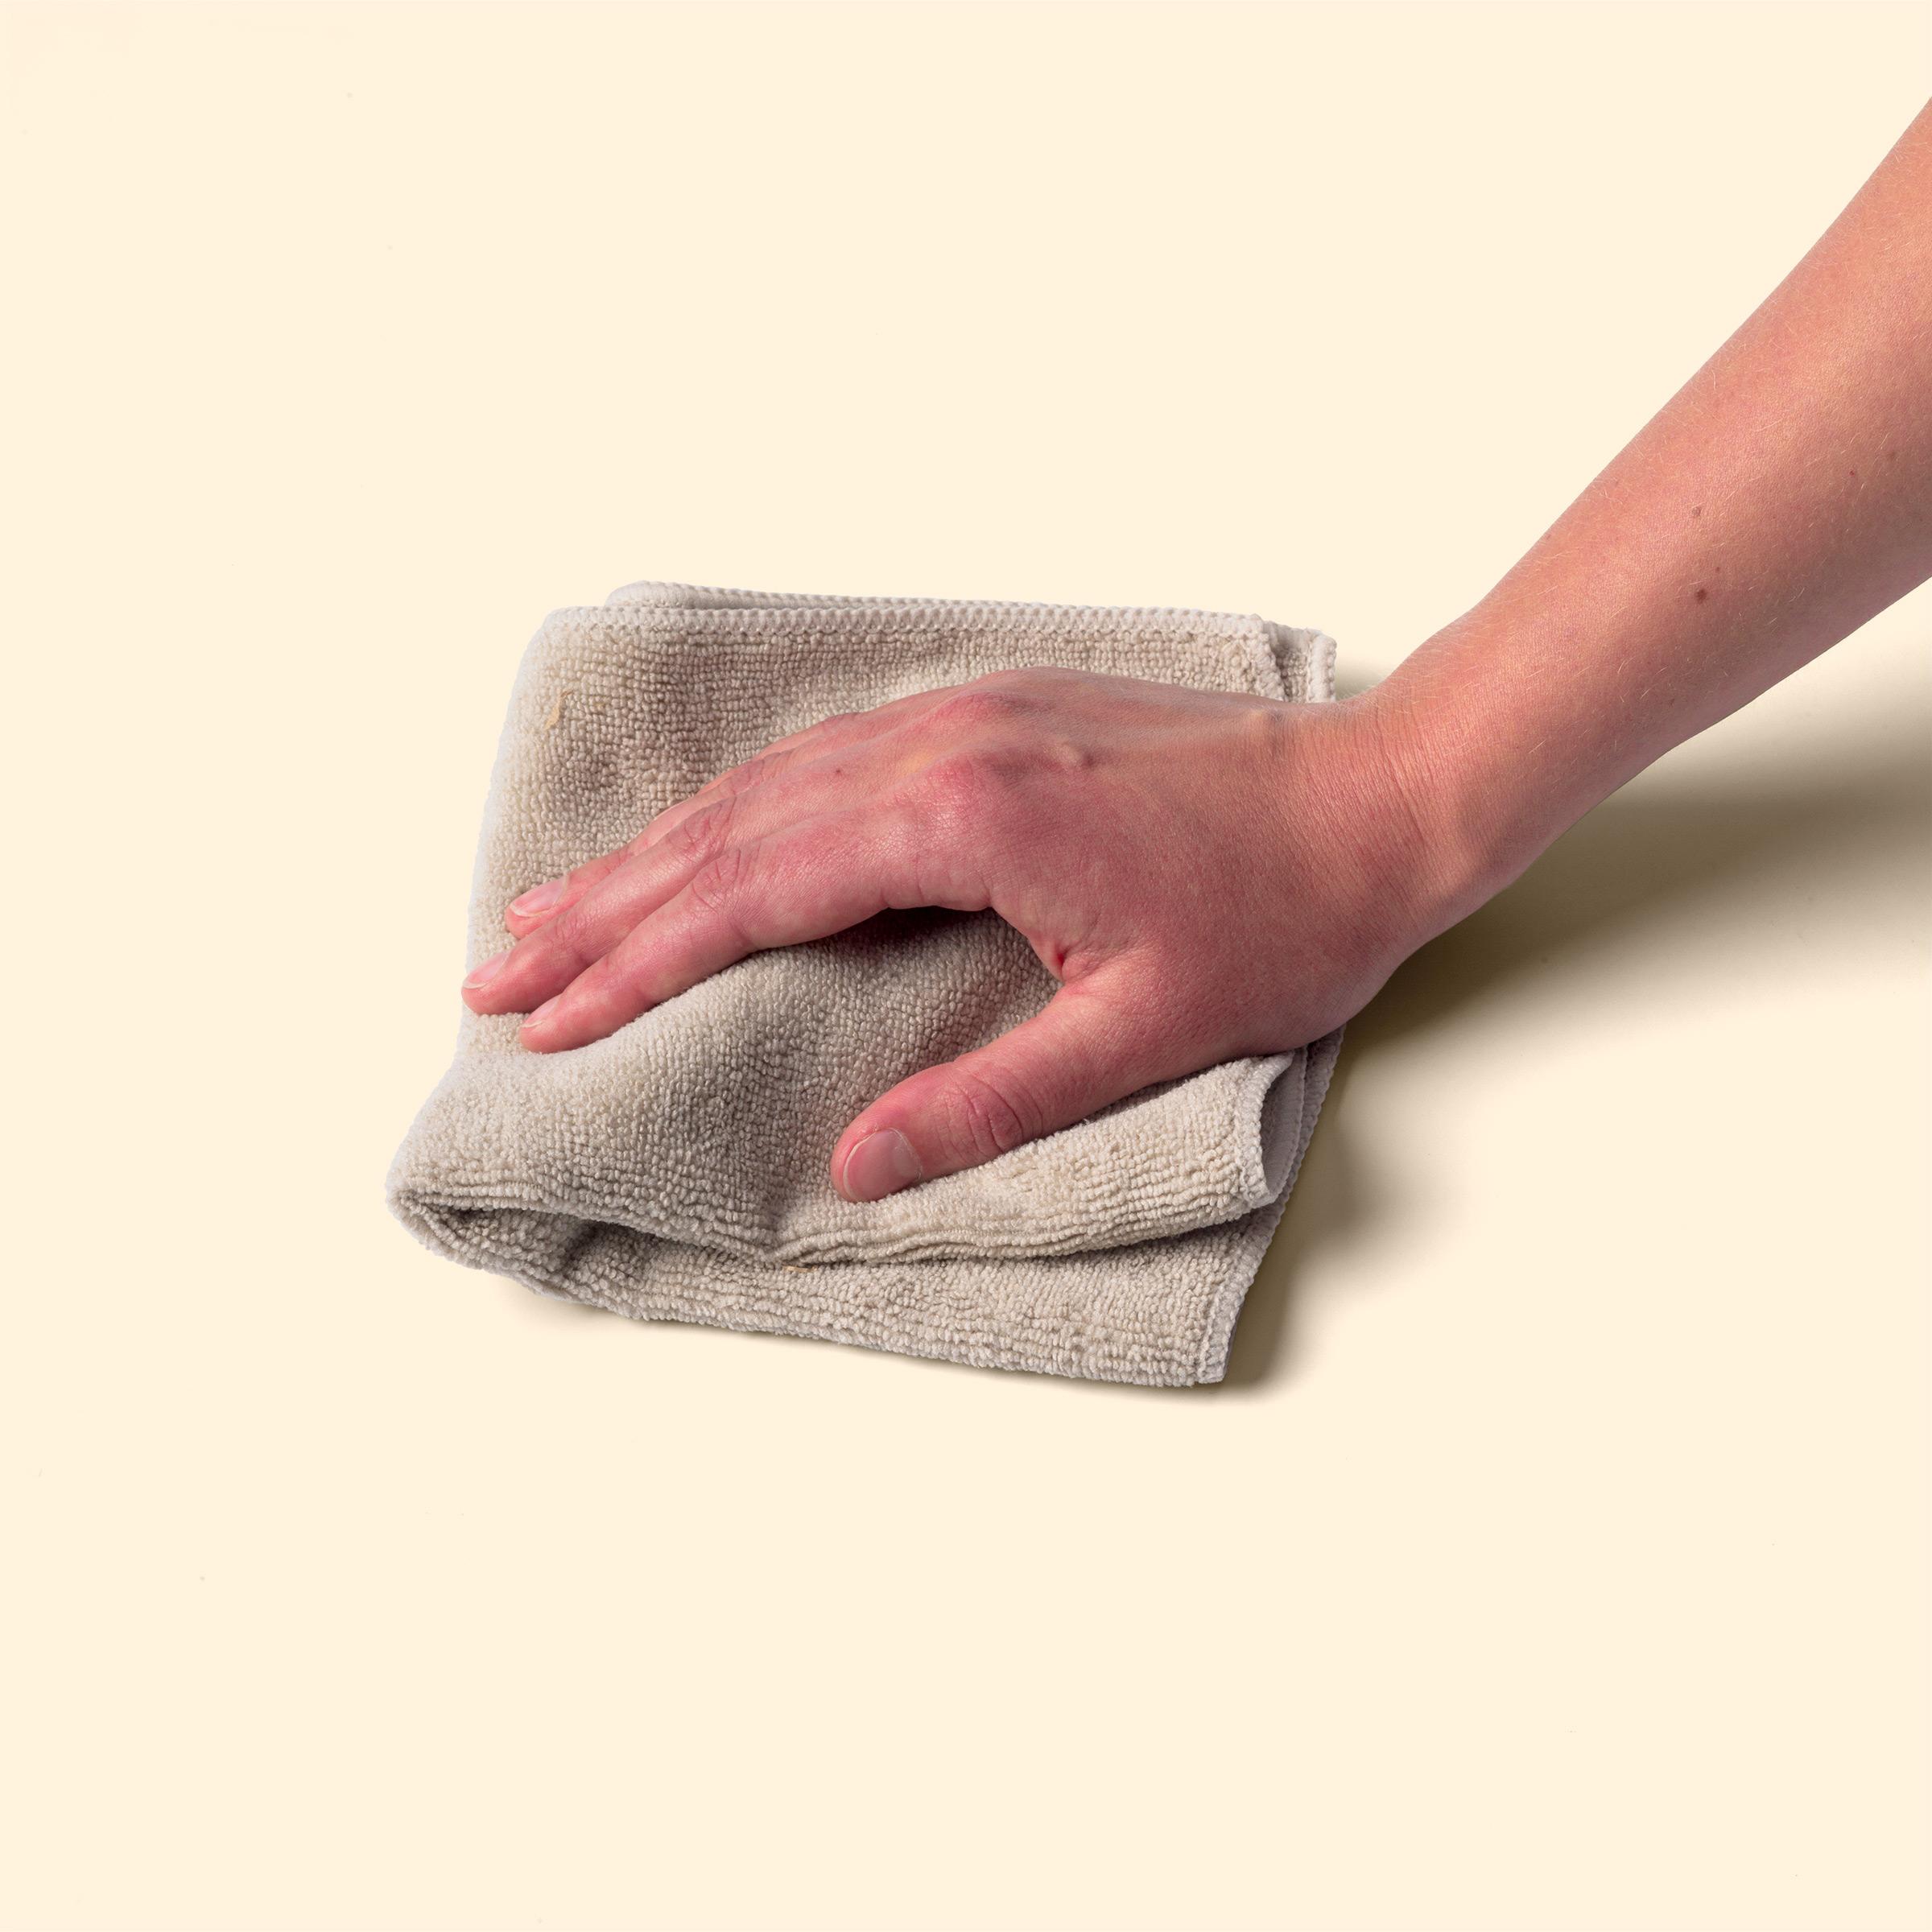 Wipe it.